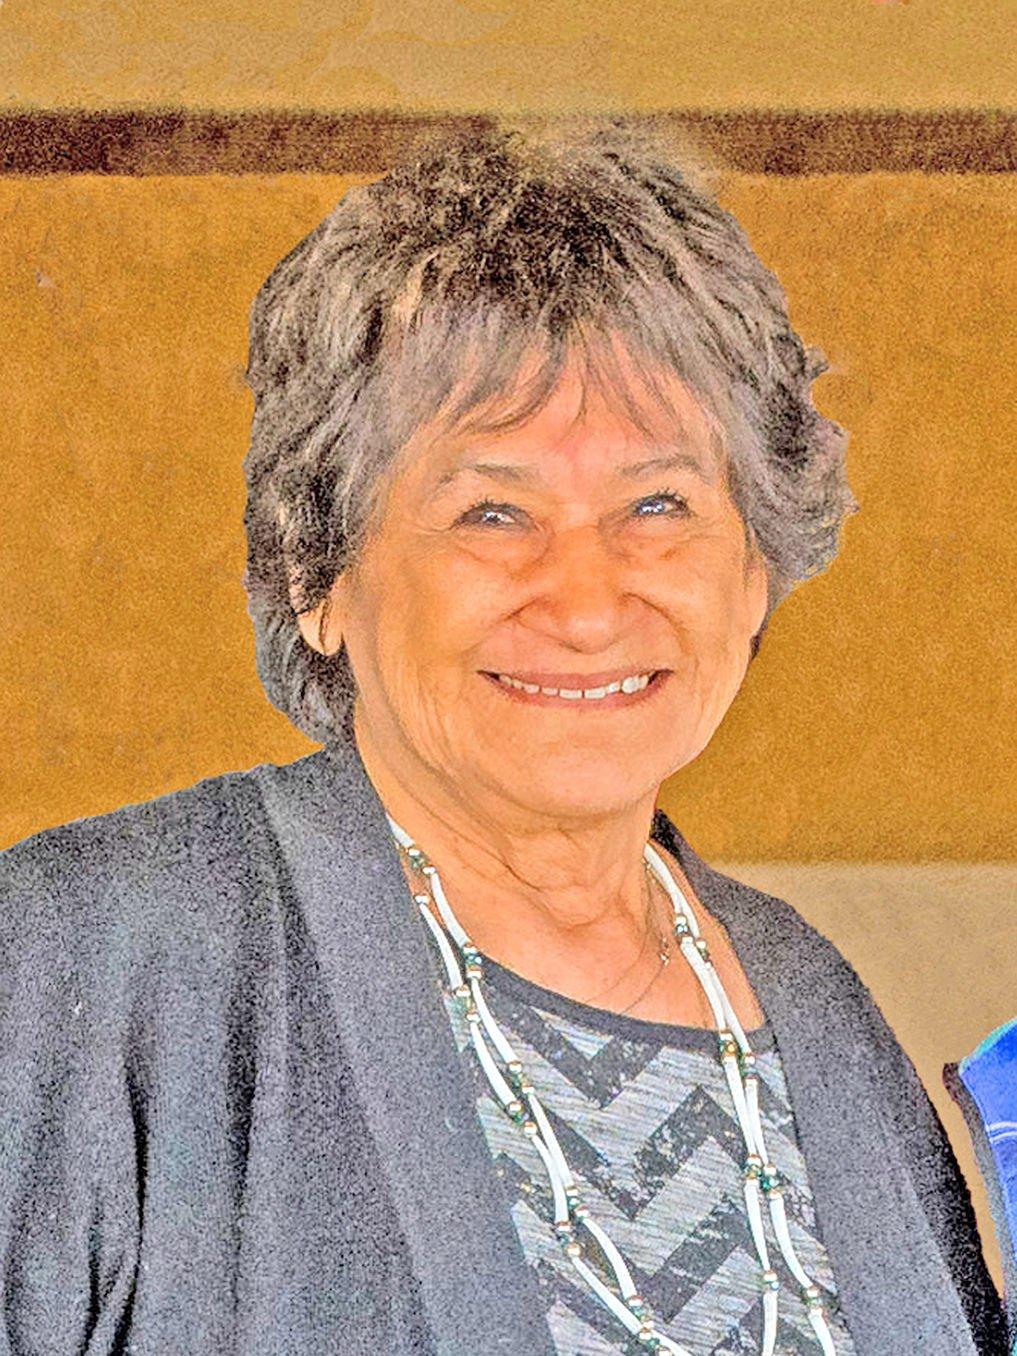 Lorraine Loomis